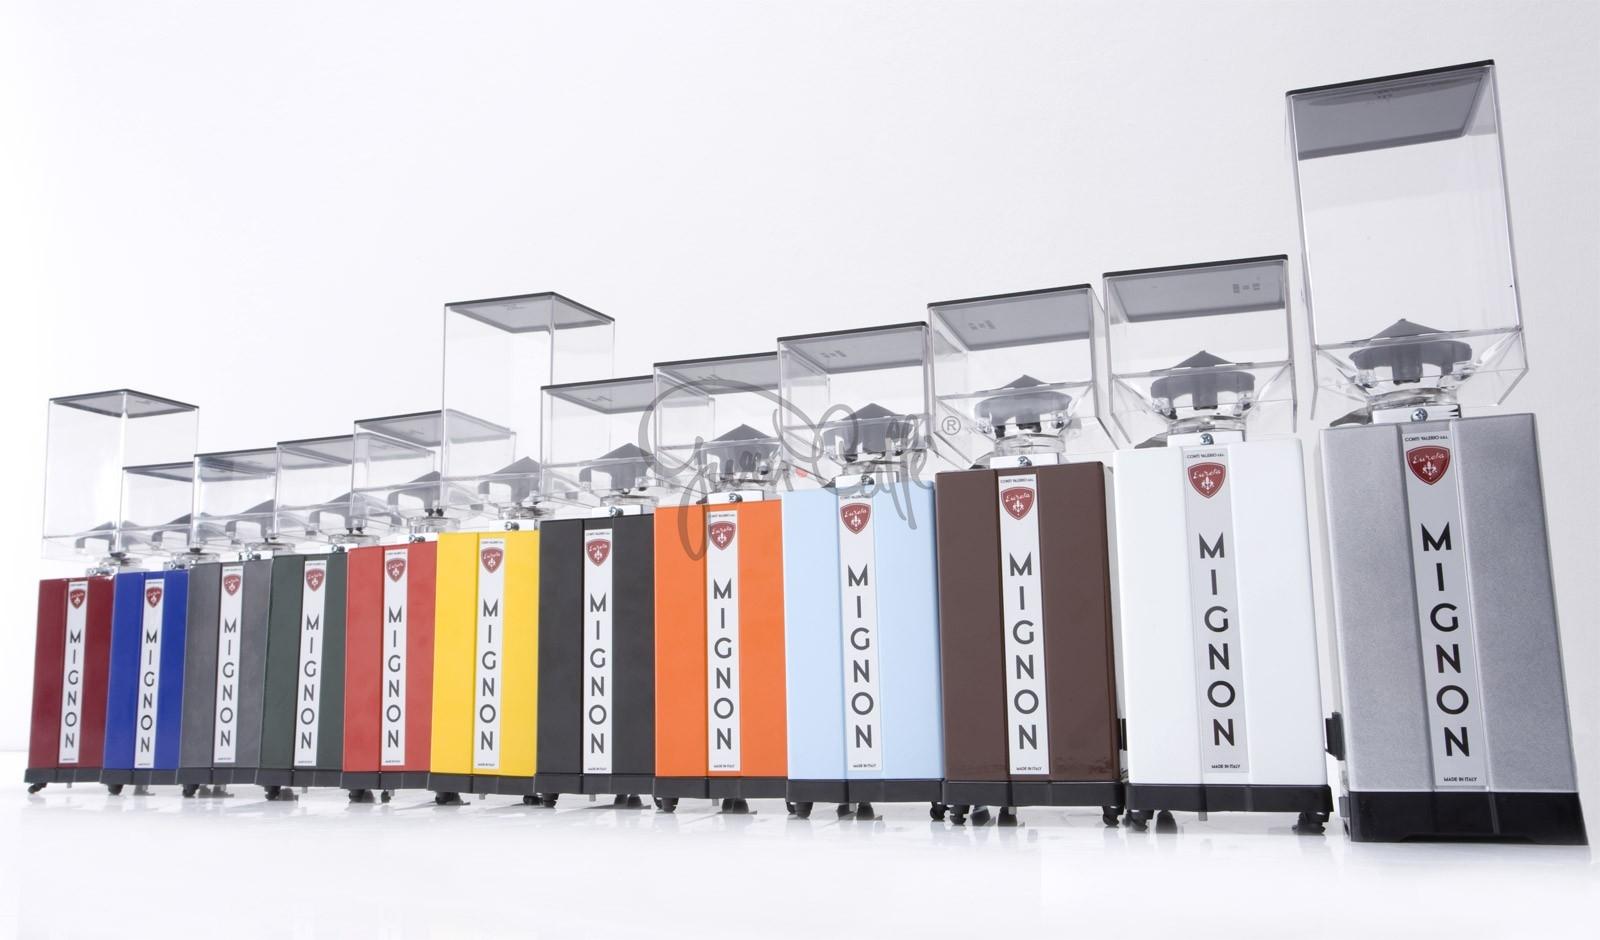 EUREKA Mignon Instantaneo - profesionální přímý mlýnek na kávu - barva Bílá Bianco, verze manuál bez časovače